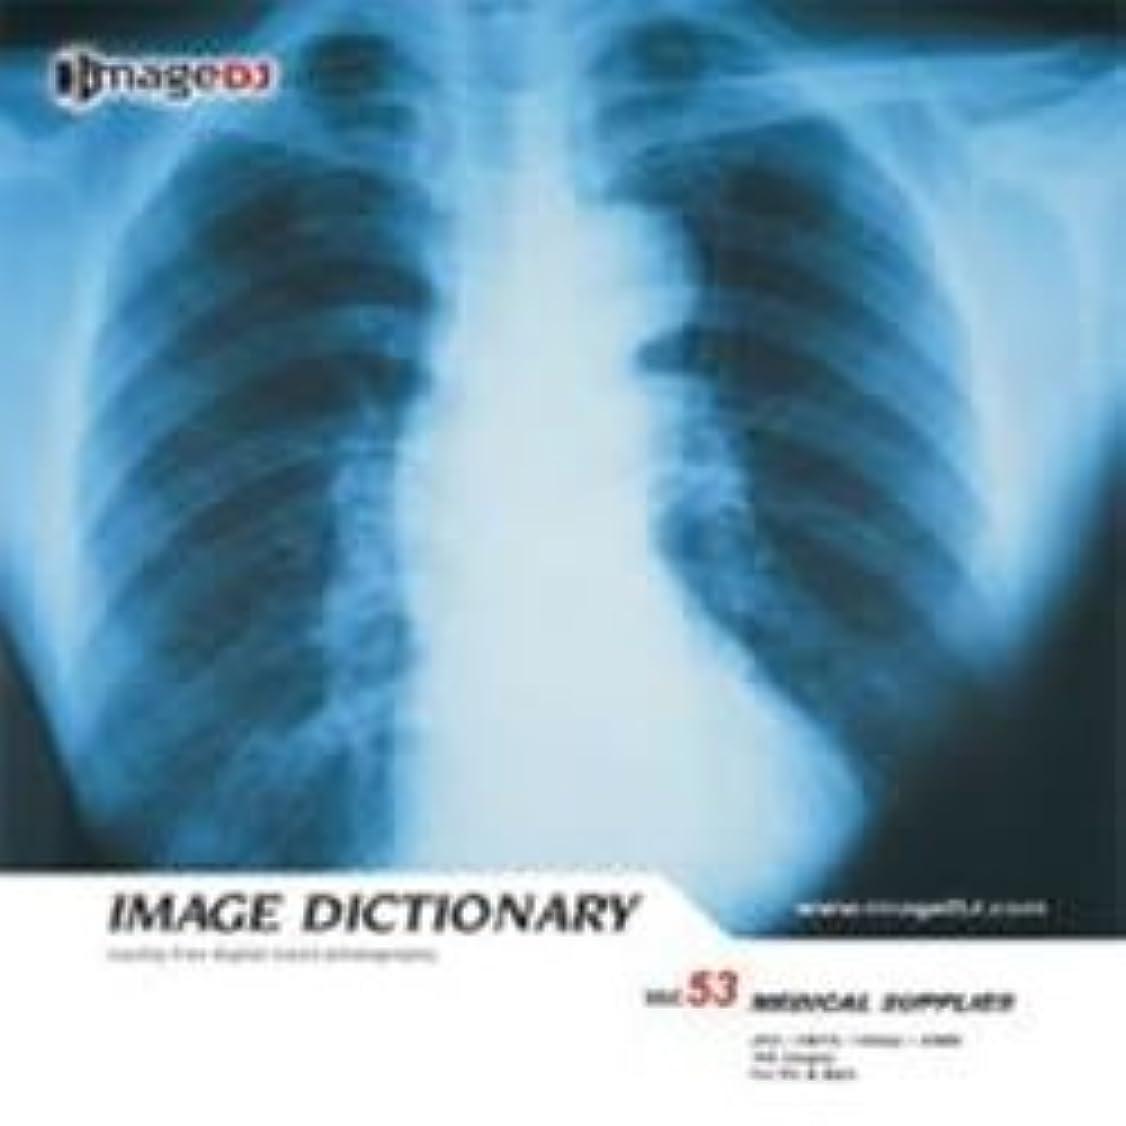 イメージ ディクショナリー Vol.53 医療用品